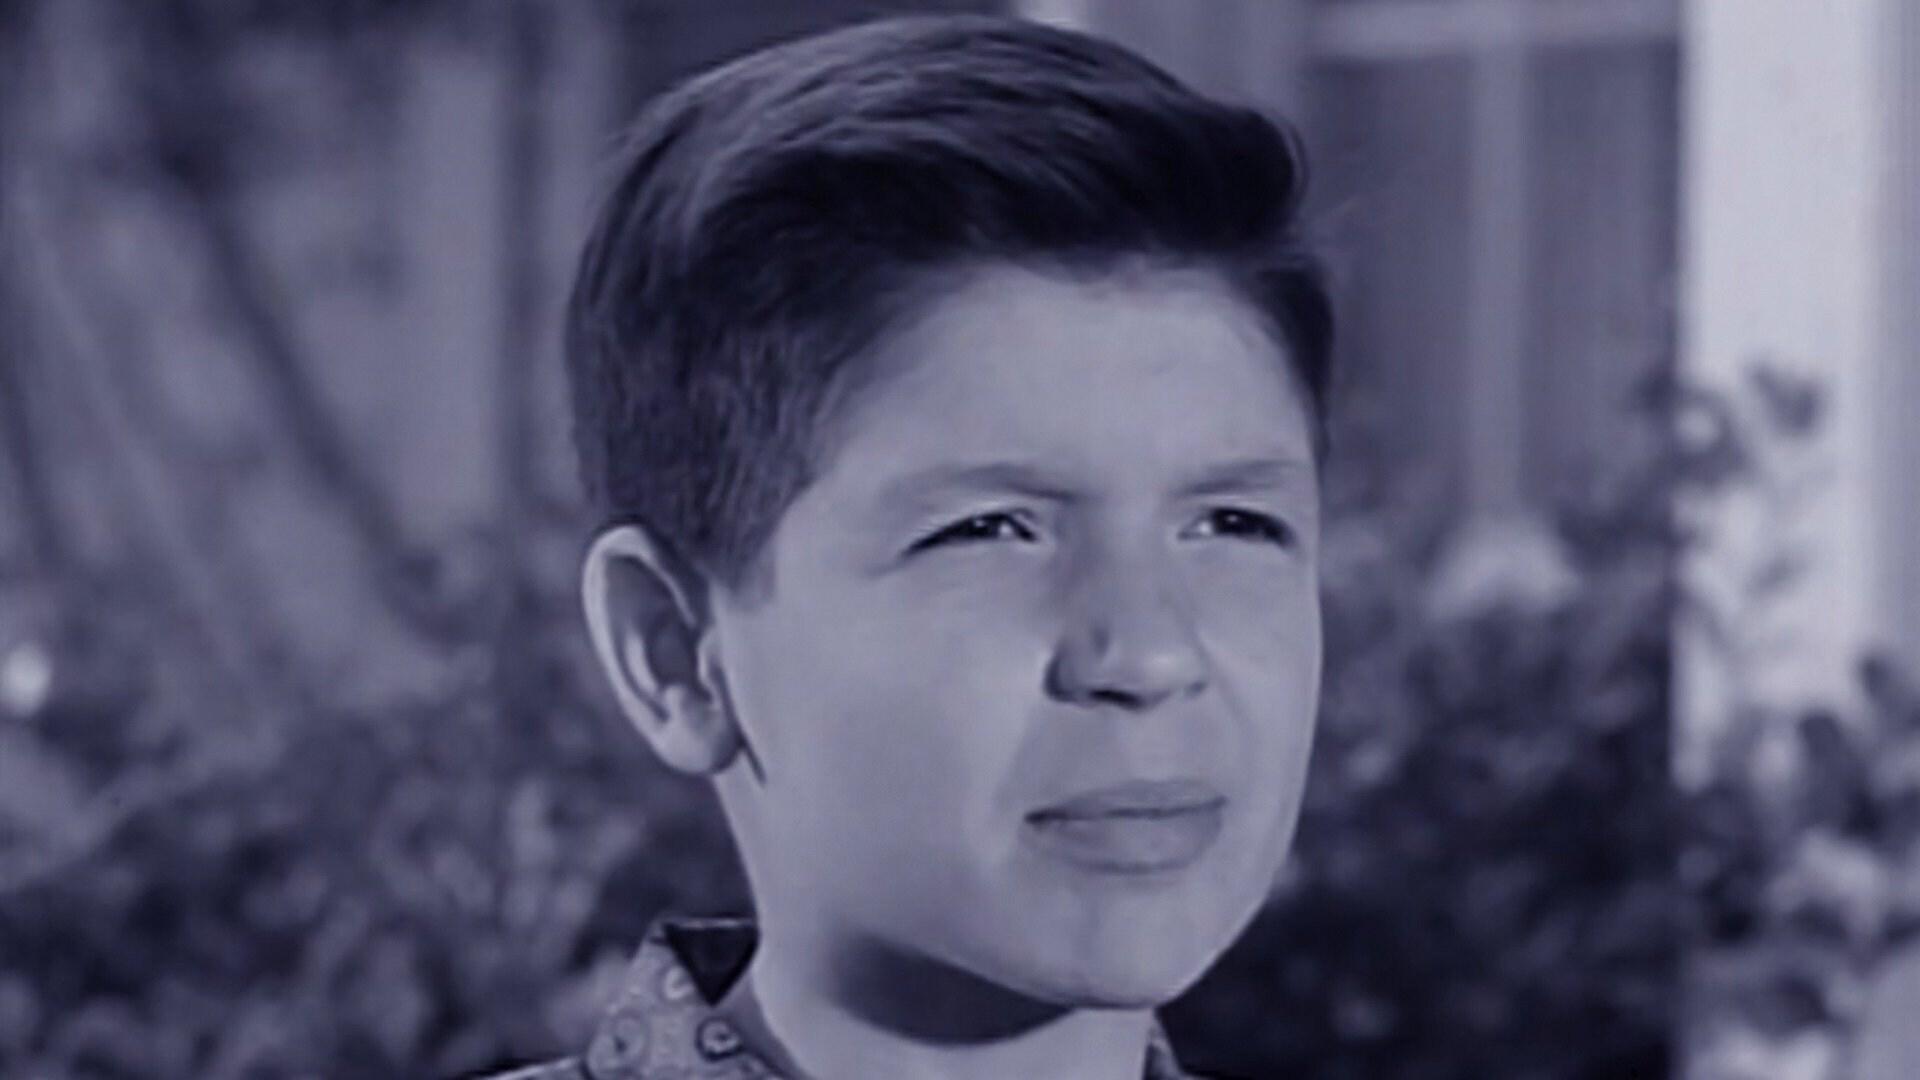 The Junior Astronaut